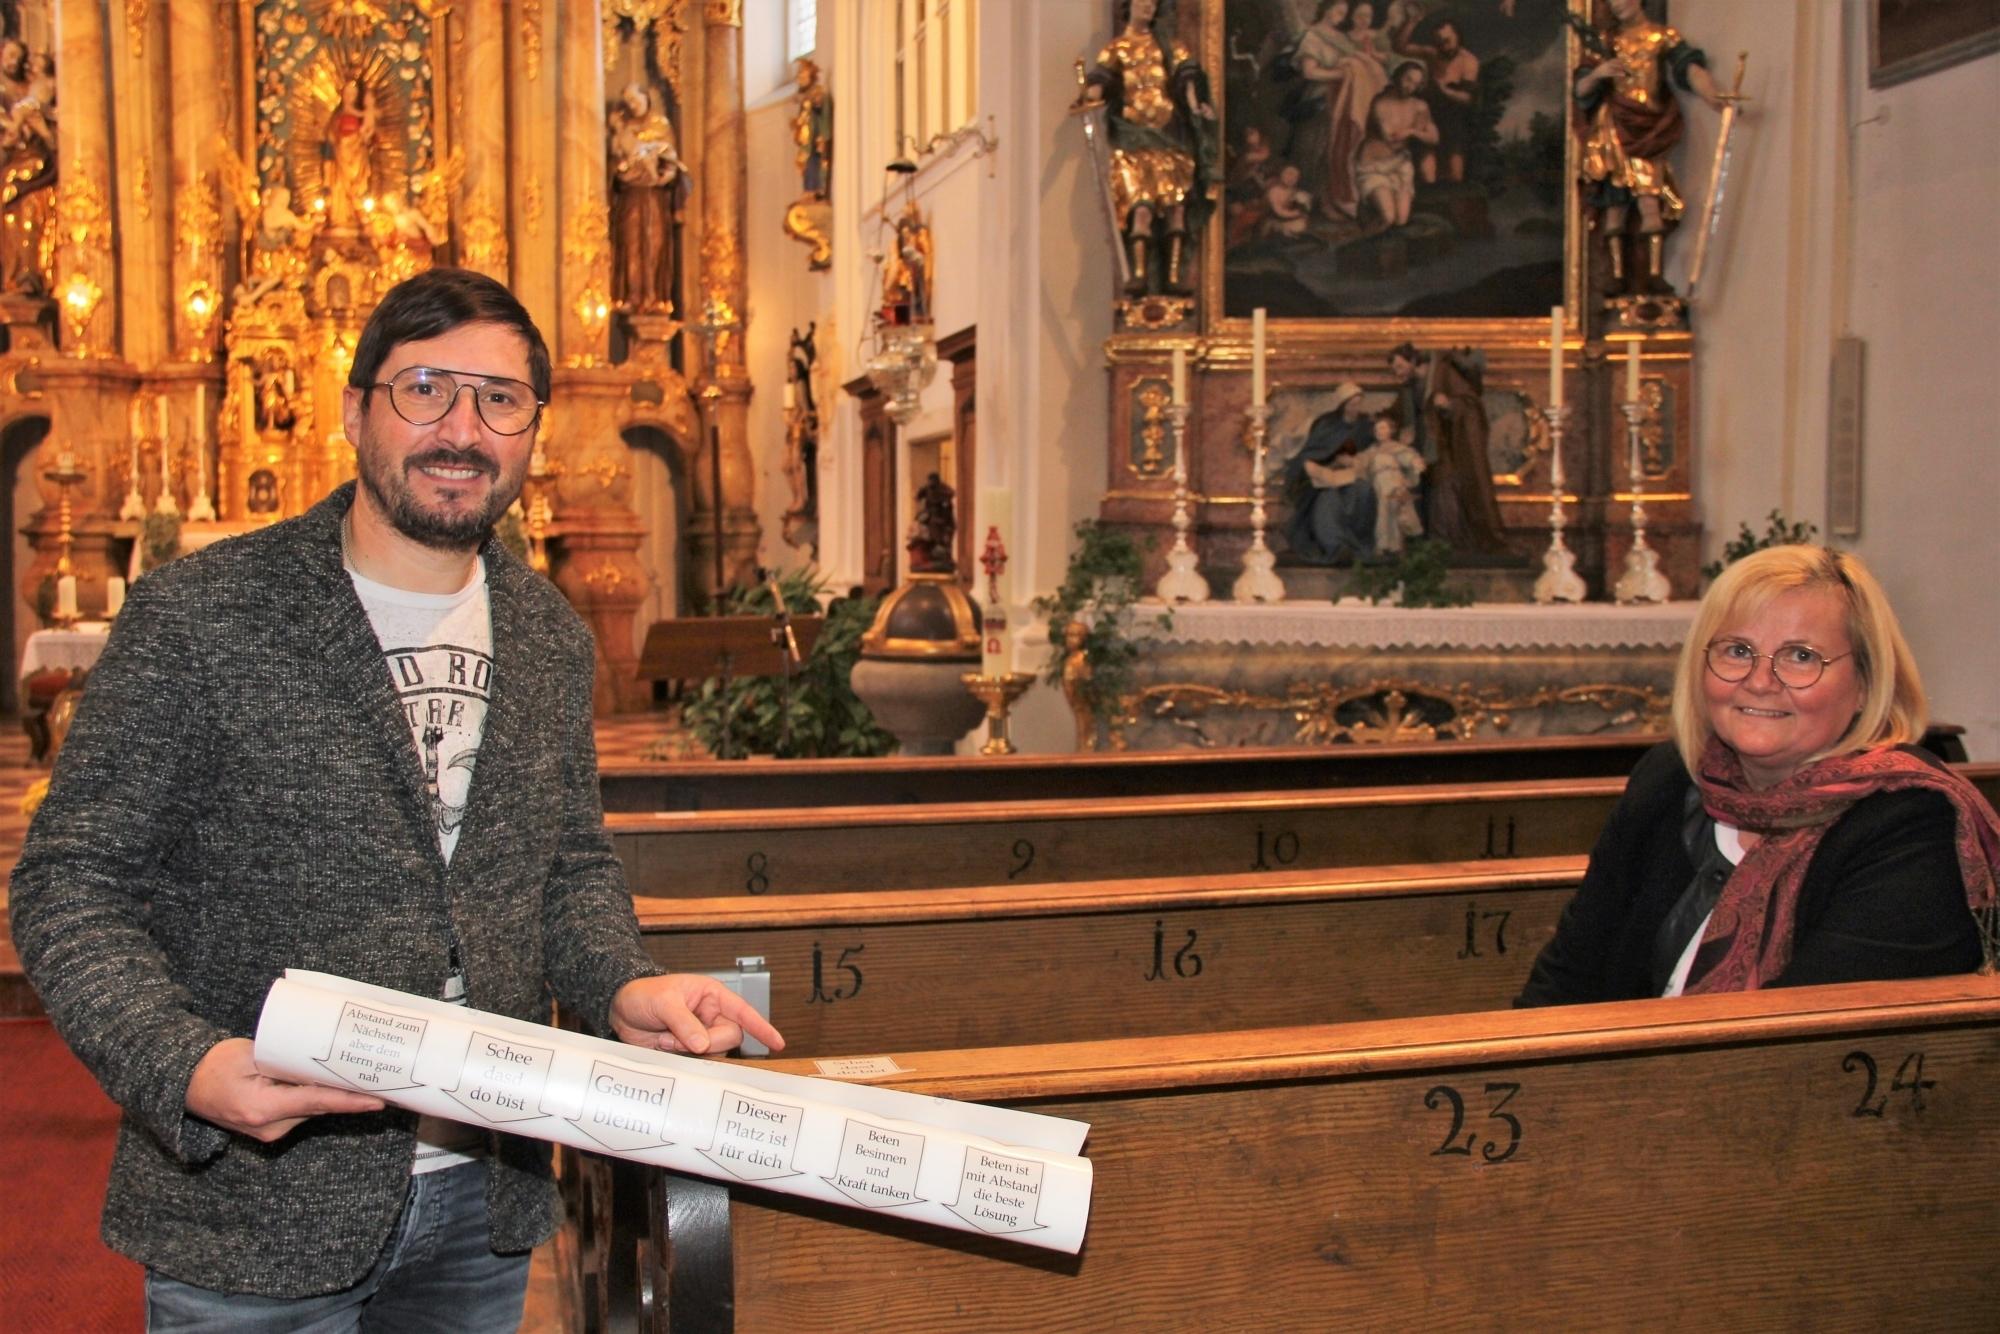 Bp BB Originelle Corona Hinweise Pfarrkirche Mariakirchen Mesnerin 06 11 2020 9